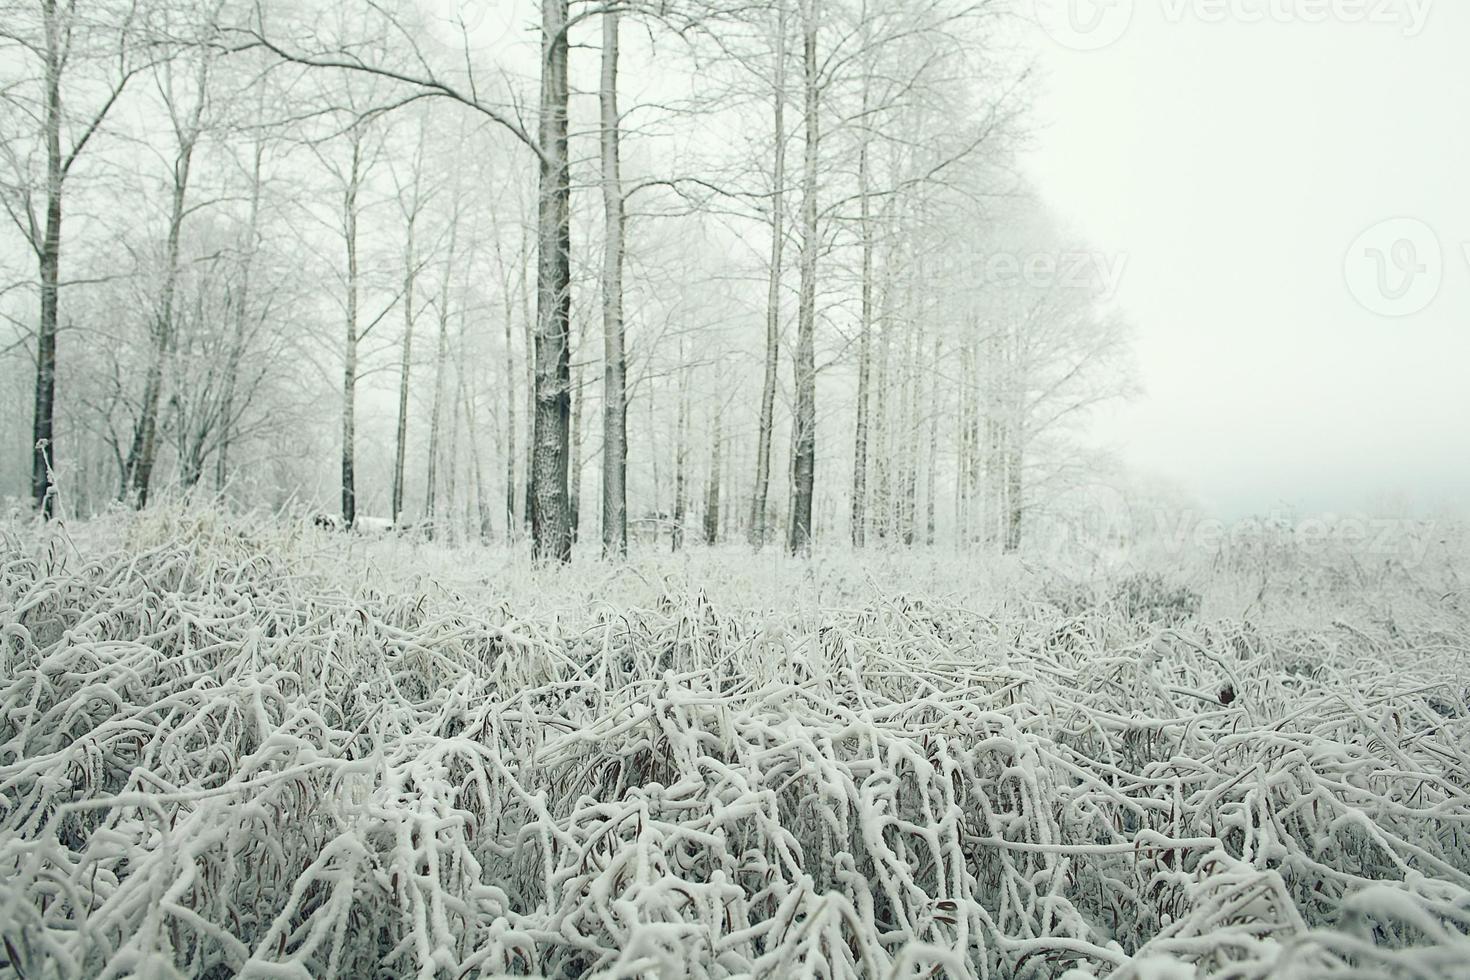 frosty winter landscape in snowy forest photo